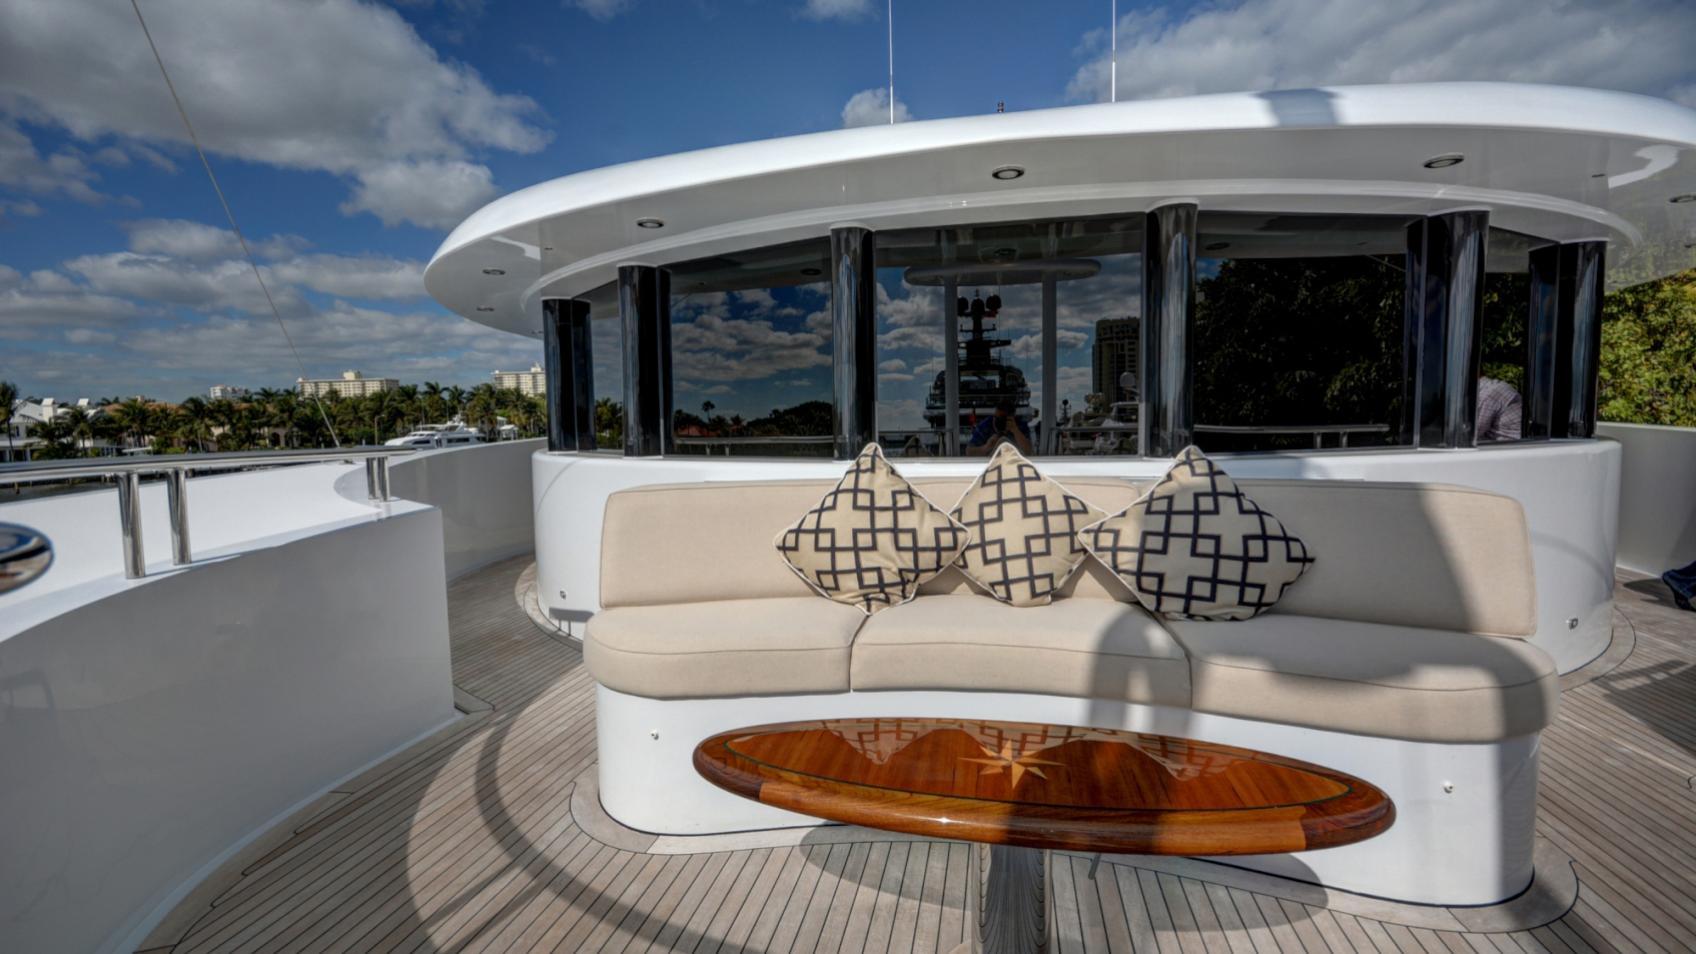 soverign motor yacht for sale sundeck